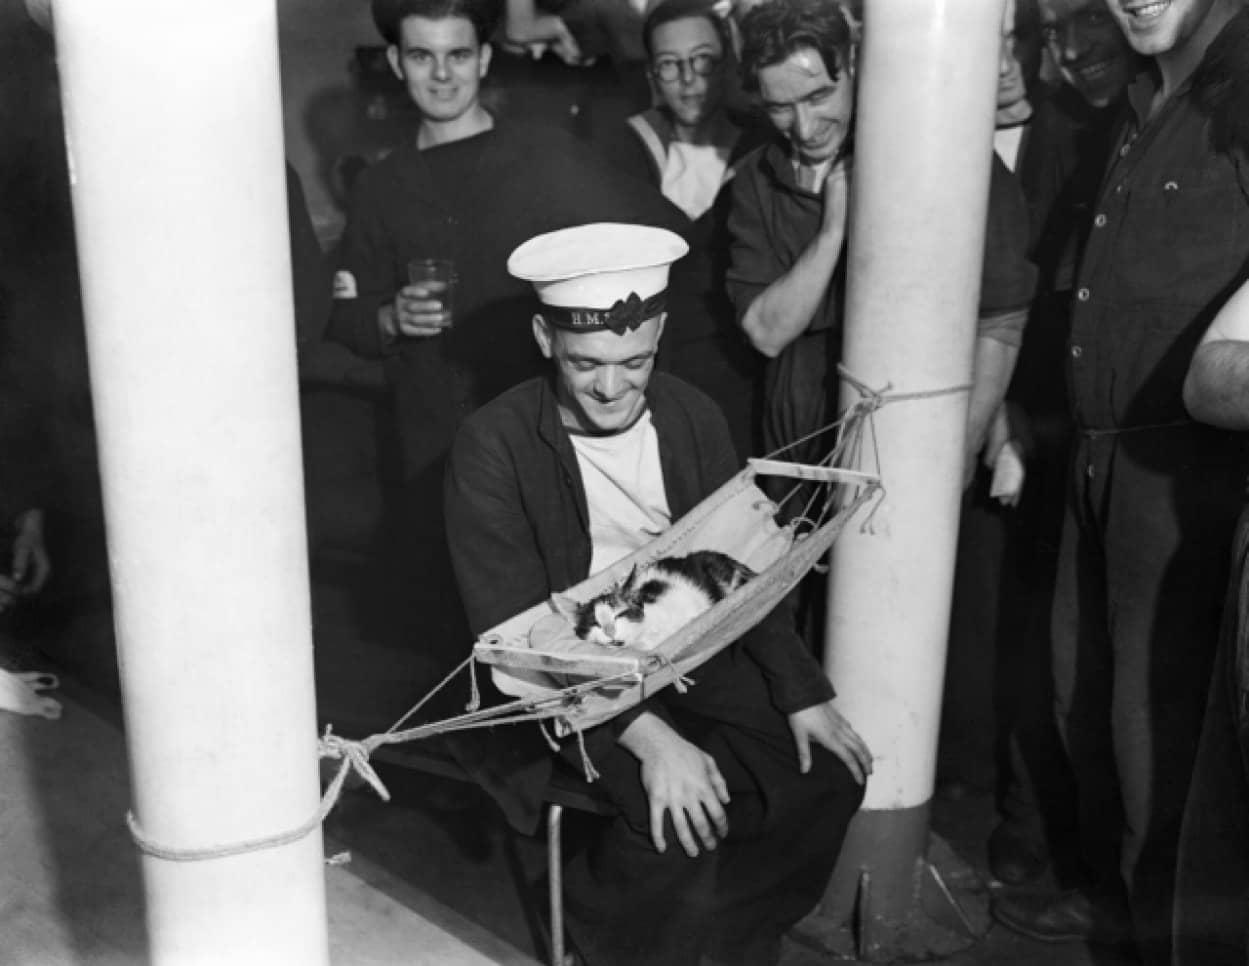 船乗り猫がハンモックでくつろぐ古写真